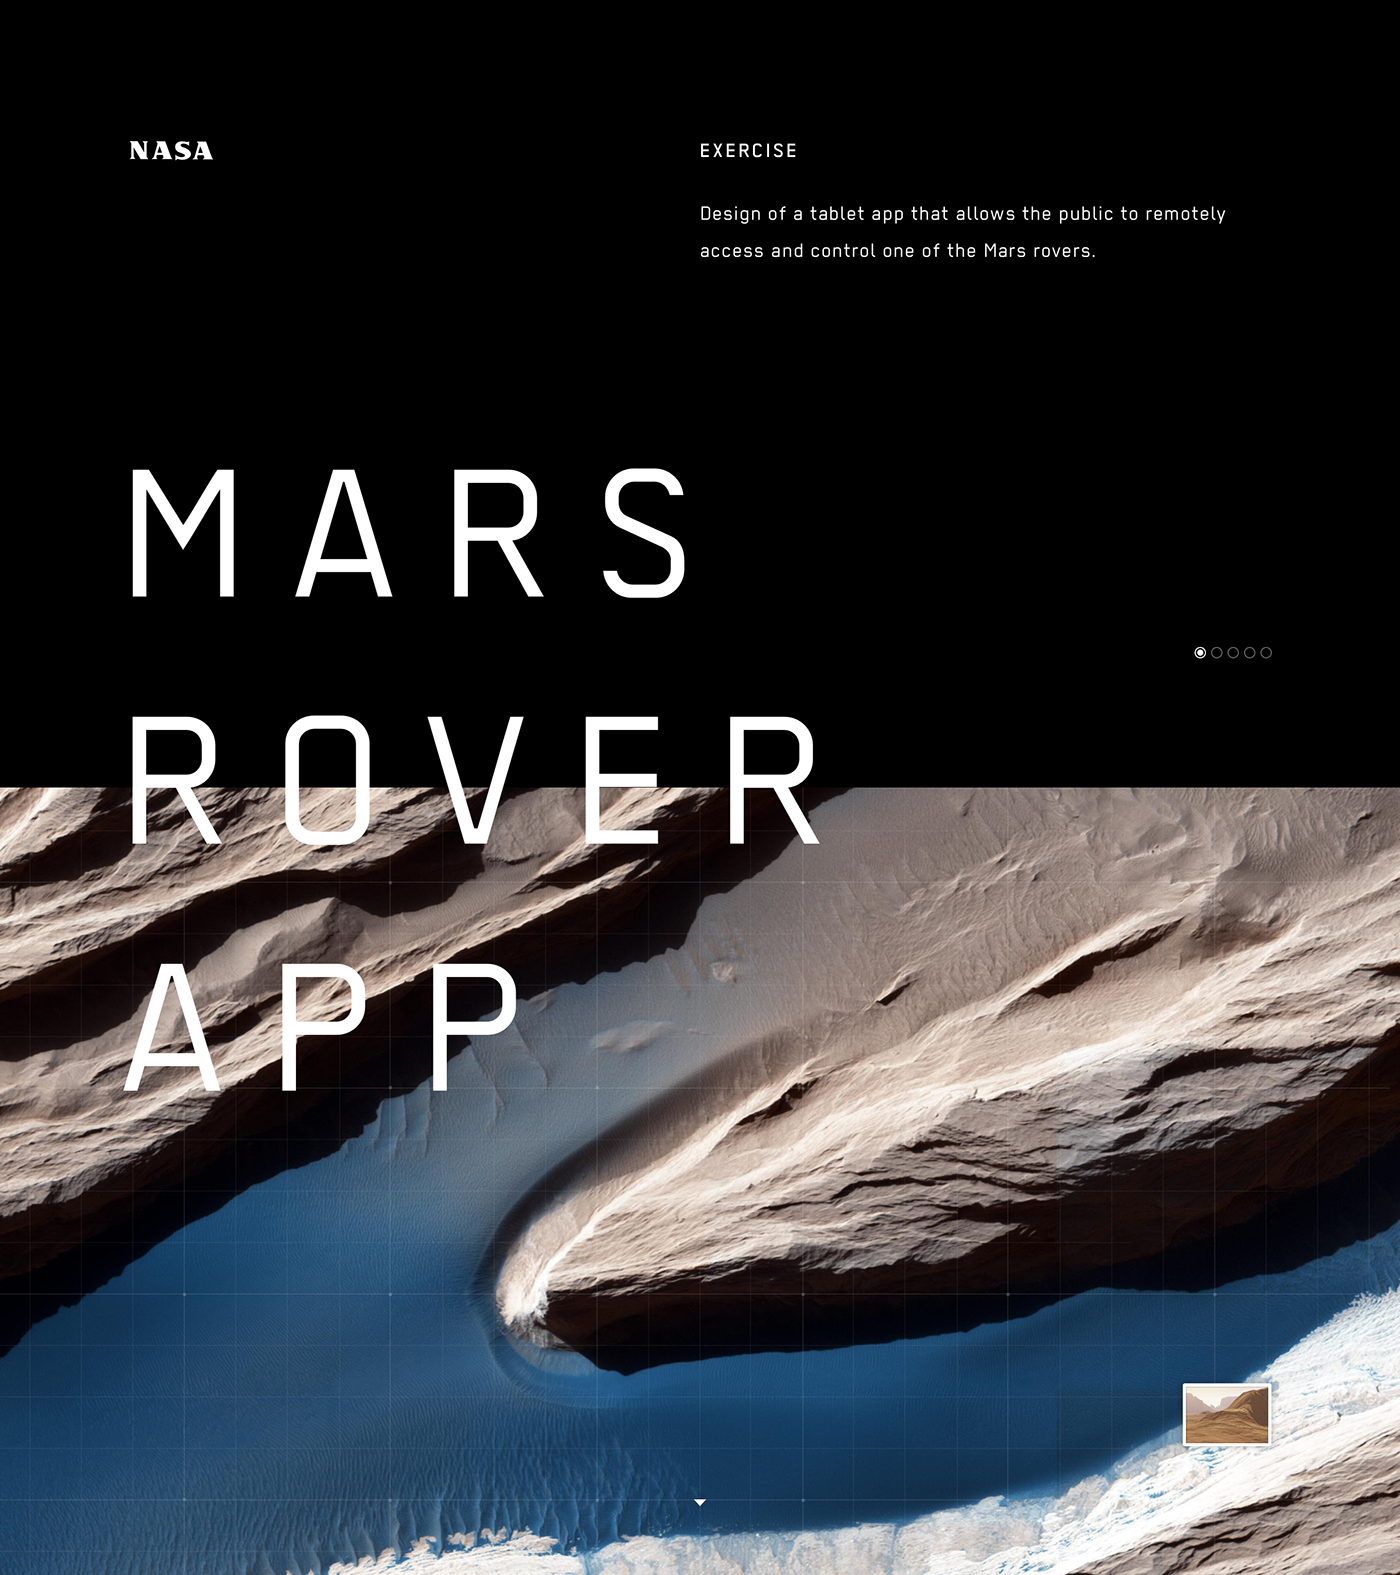 Mars Rover App for NASA on Behance